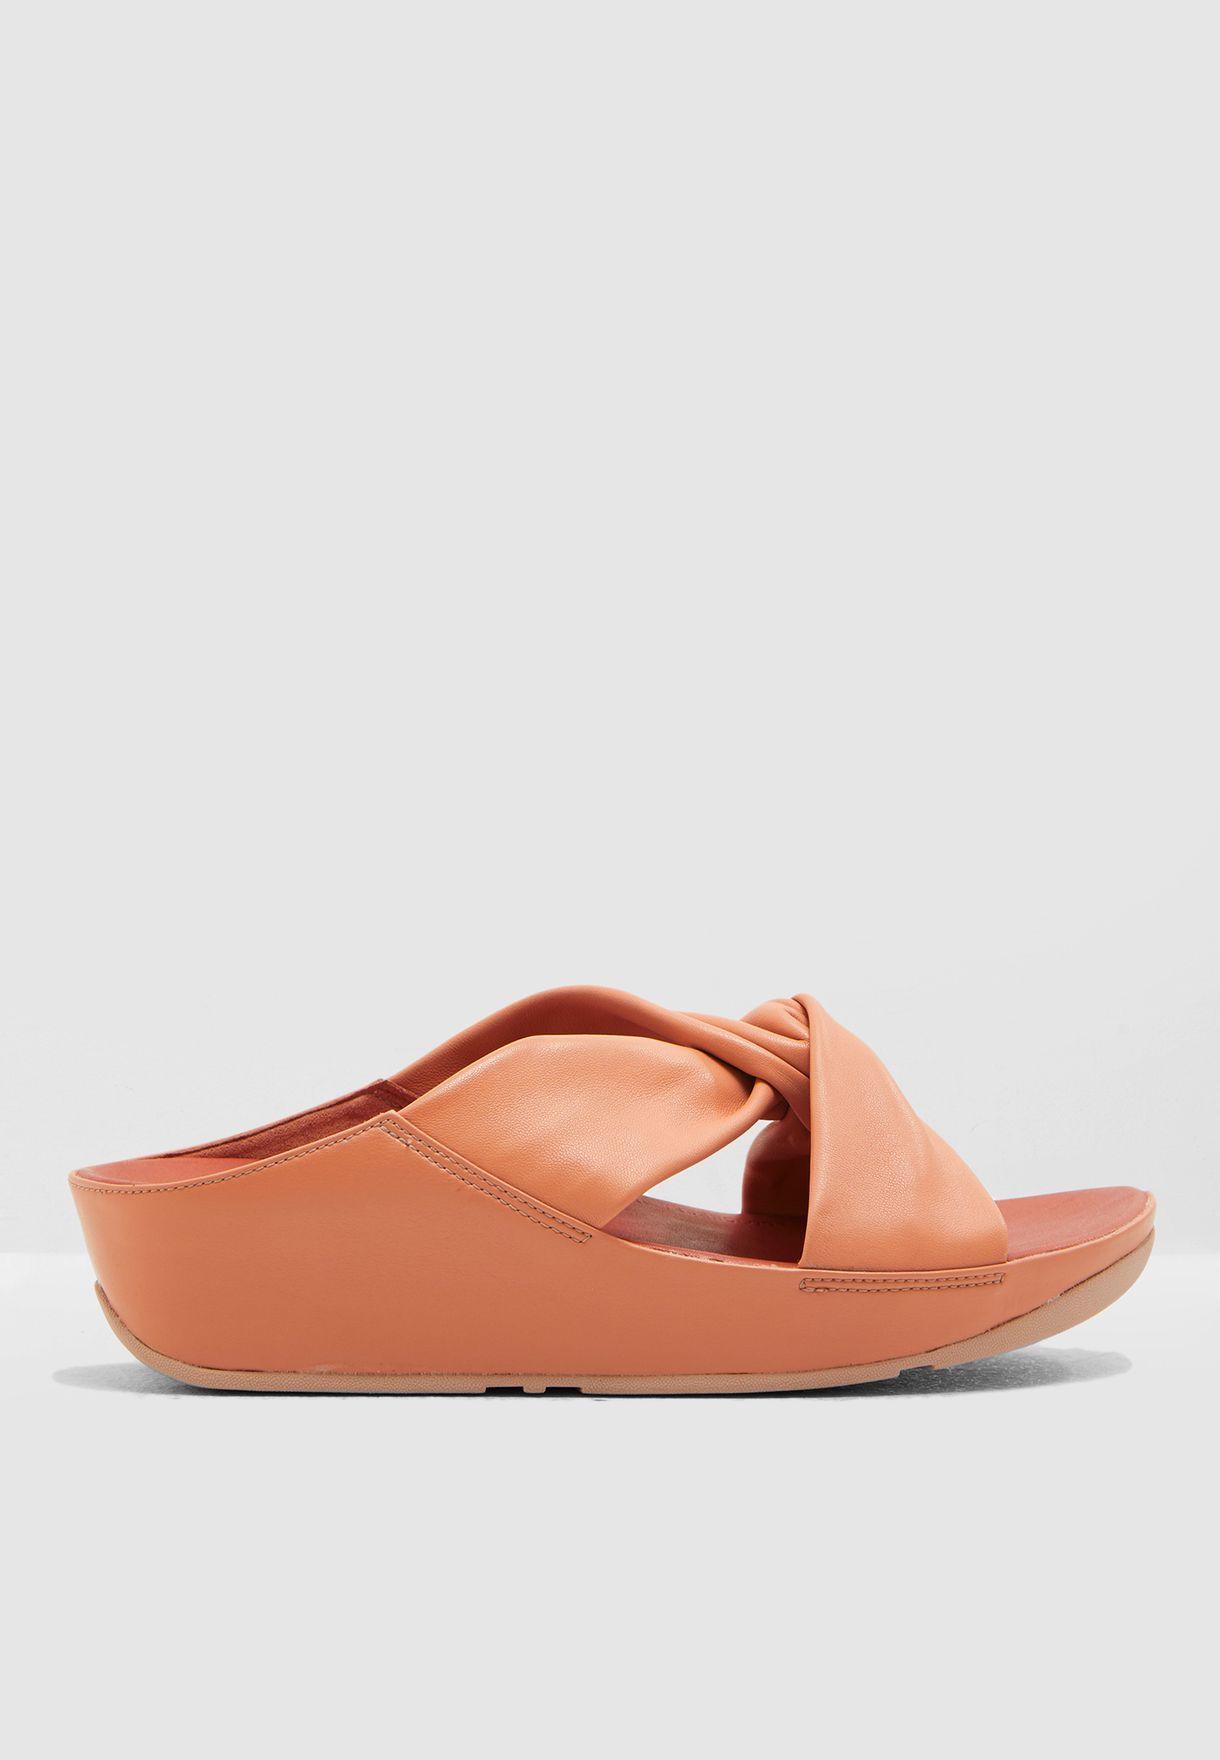 Twiss Sandal